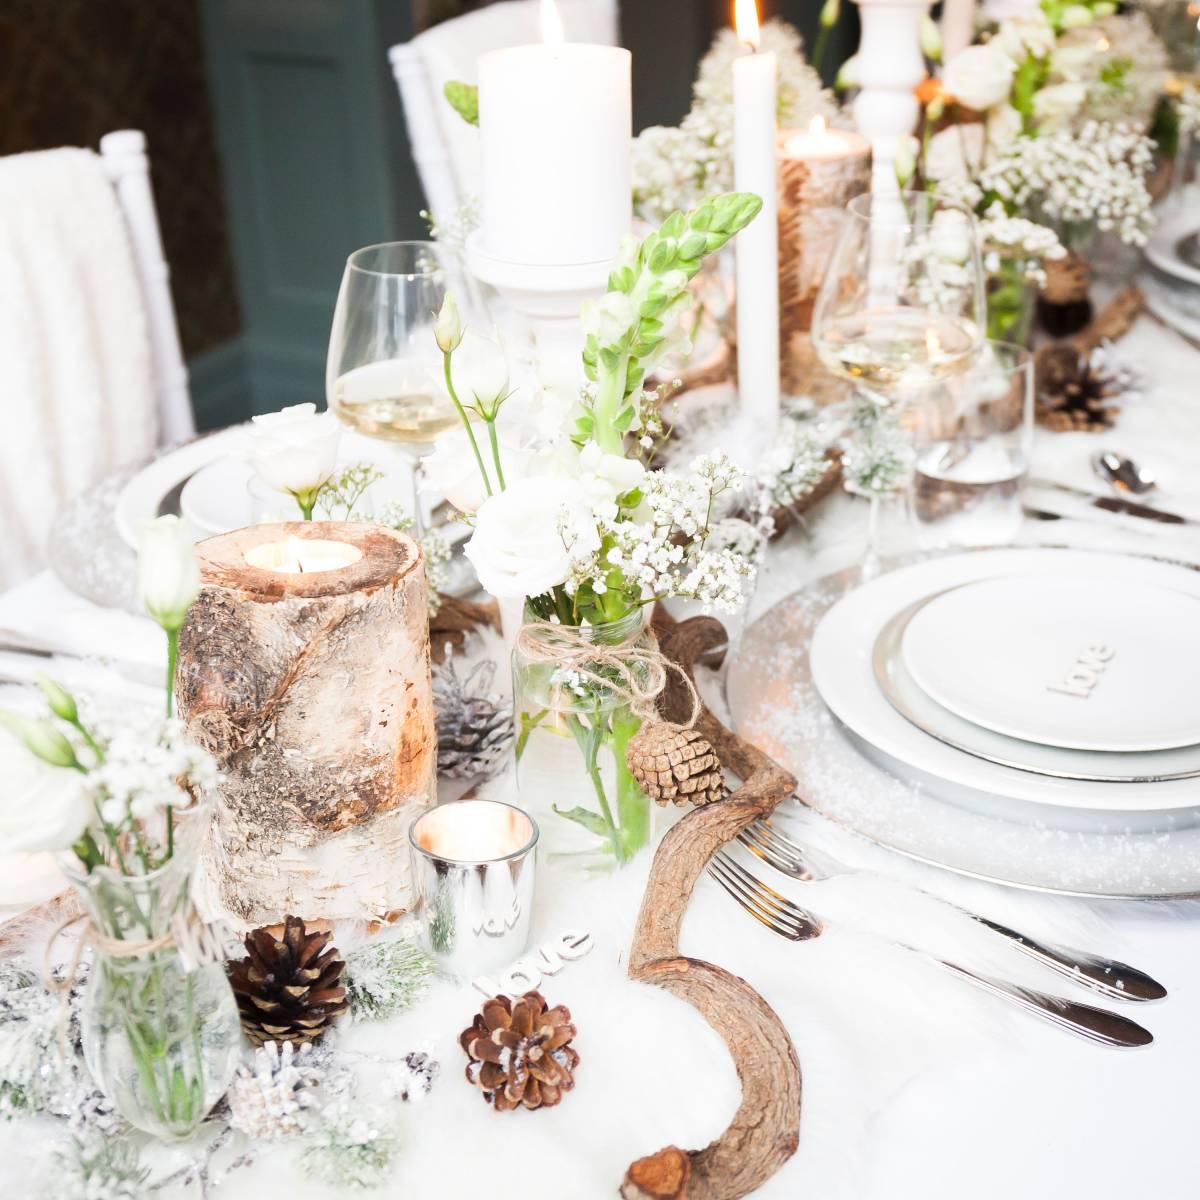 In Style Styling & Decoraties - Trouwdecoratie - Verhuurbedrijf - Wedding Design - House of Weddings - 31